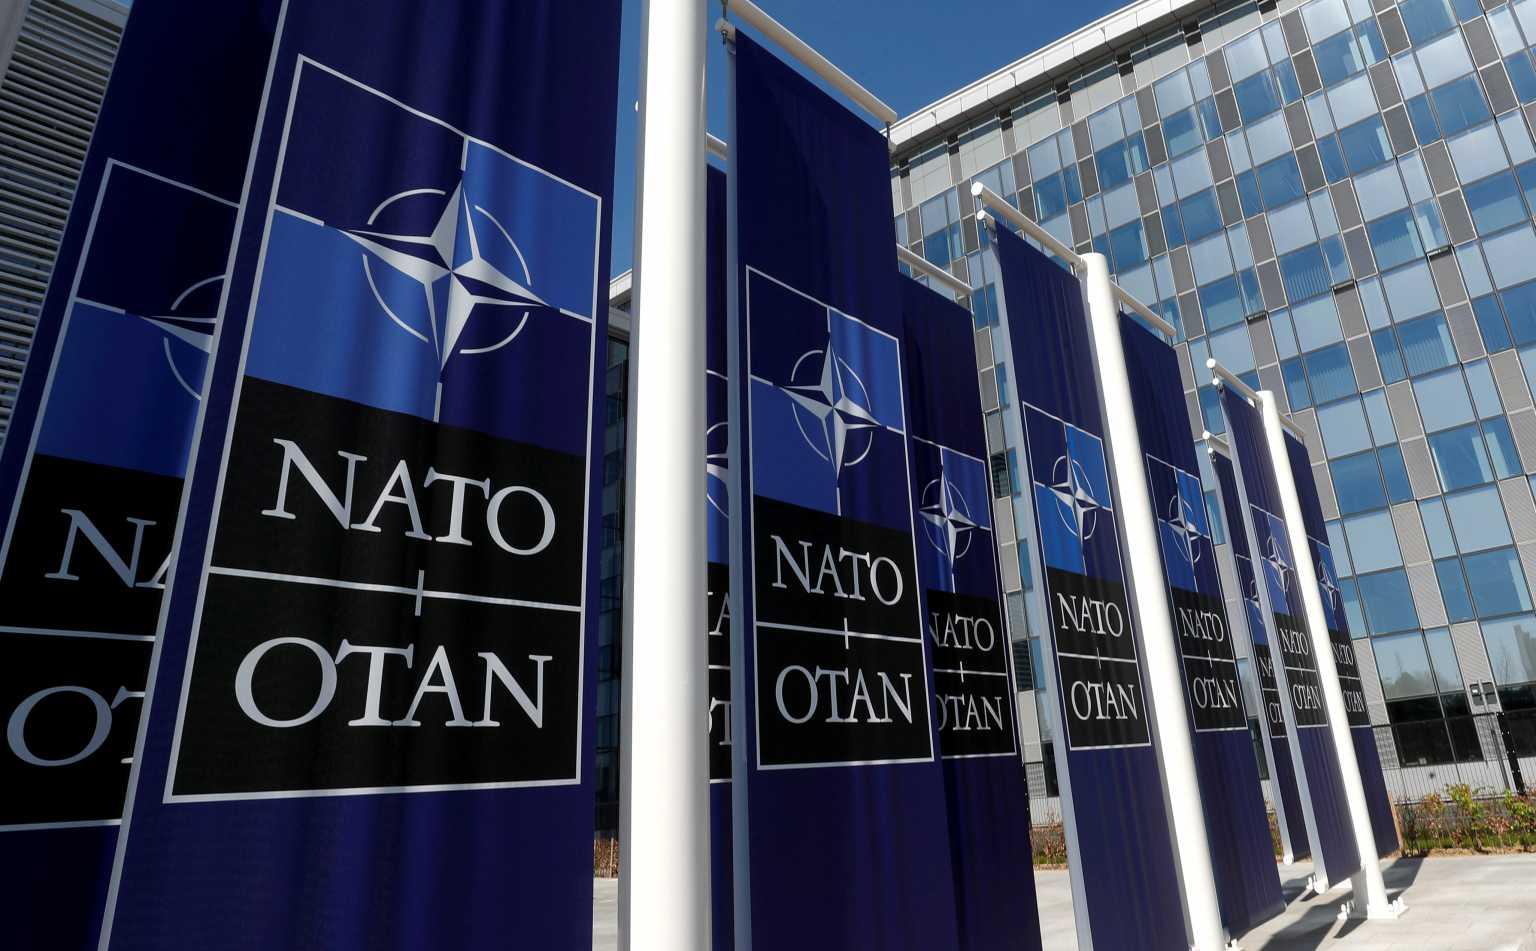 Στα άκρα οι σχέσεις Ρωσίας και ΝΑΤΟ με αποφάσεις που δείχνουν οριστική ρήξη